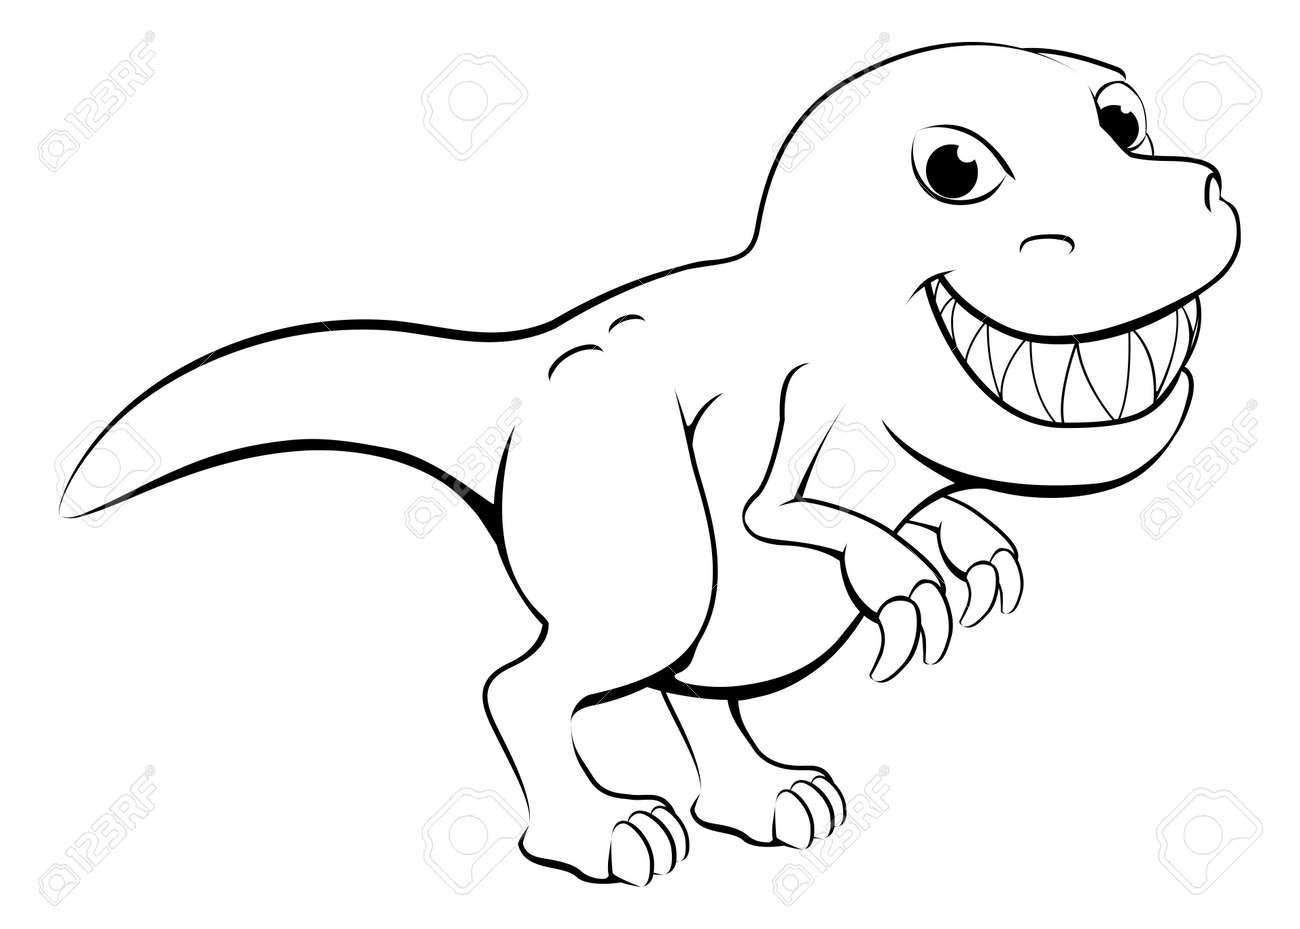 """Ilustracion Blanco Y Negro De Dibujos Animados Feliz Dinosaurio T Rex Ilustraciones Vectoriales Clip Art Vectorizado Libre De Derechos Image 18593551 Colección de impresiones en lienzo """"cuadros en blanco y negro son más populares las obras de este artista, que están disponibles en. ilustracion blanco y negro de dibujos animados feliz dinosaurio t rex"""